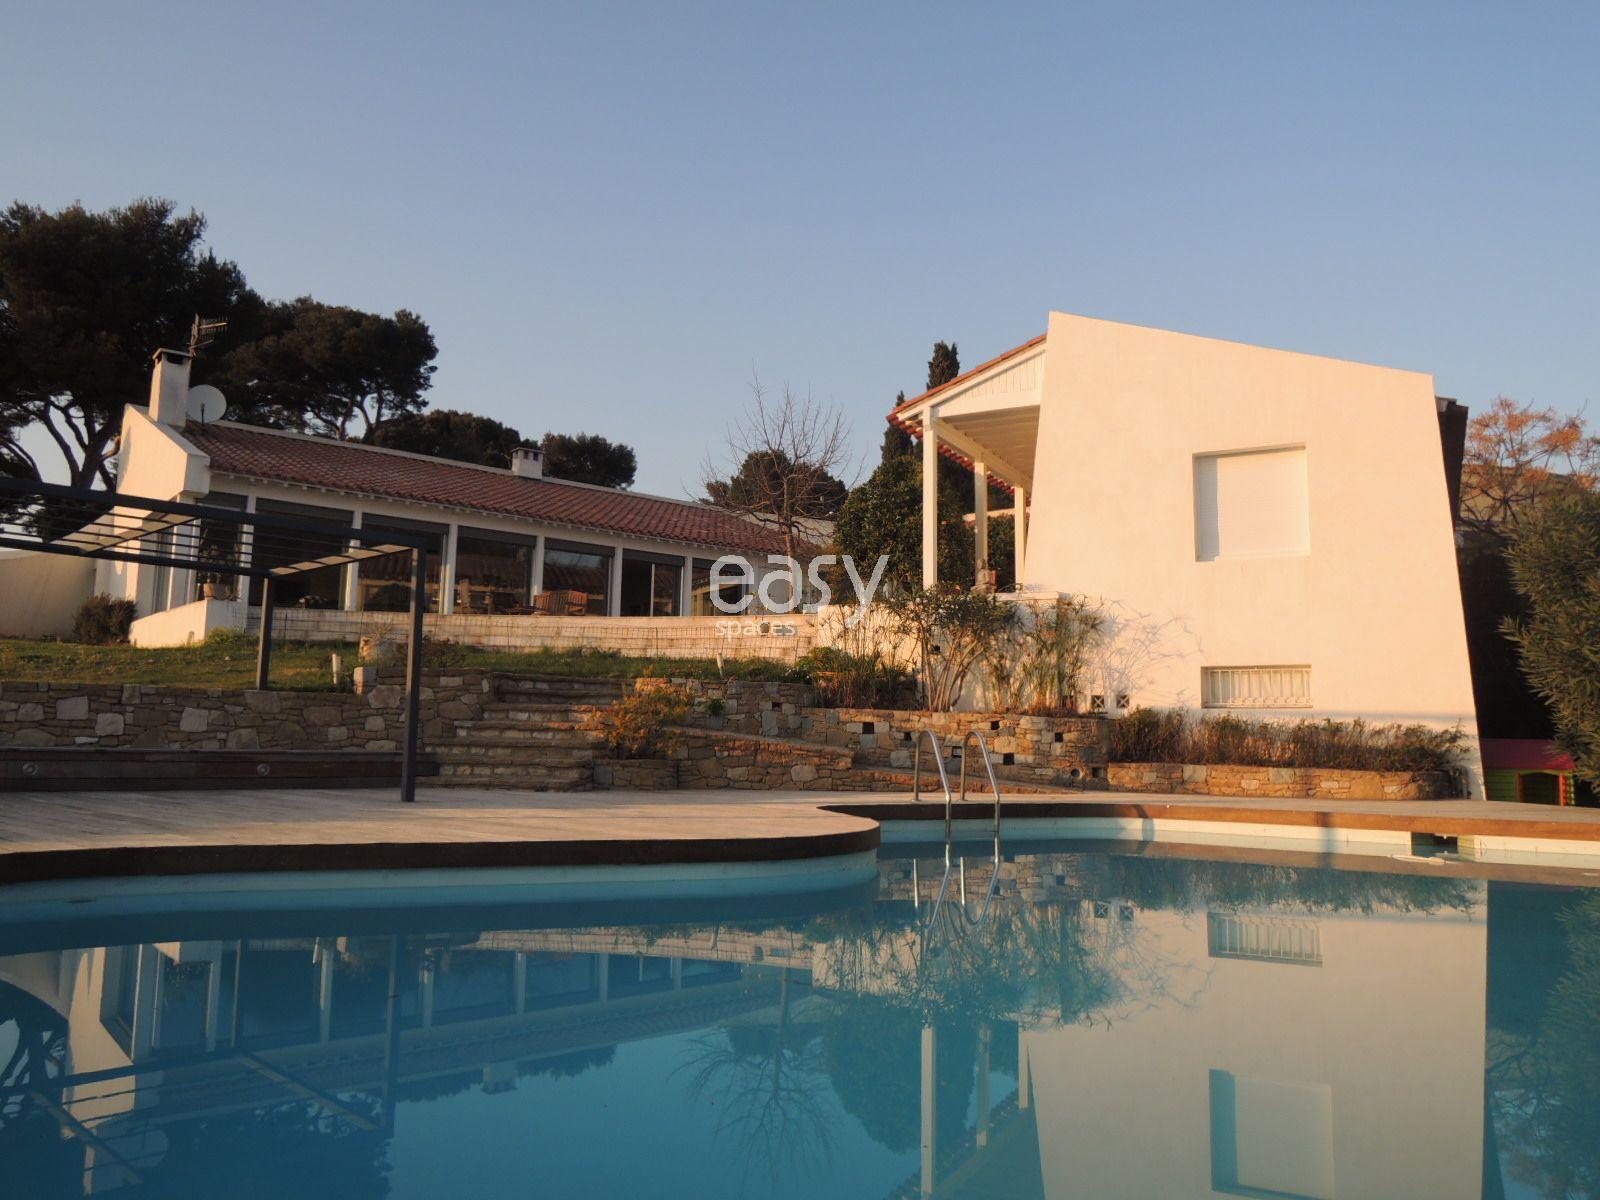 Location villa avec piscine pour production photo et for Maison a louer a marseille avec piscine